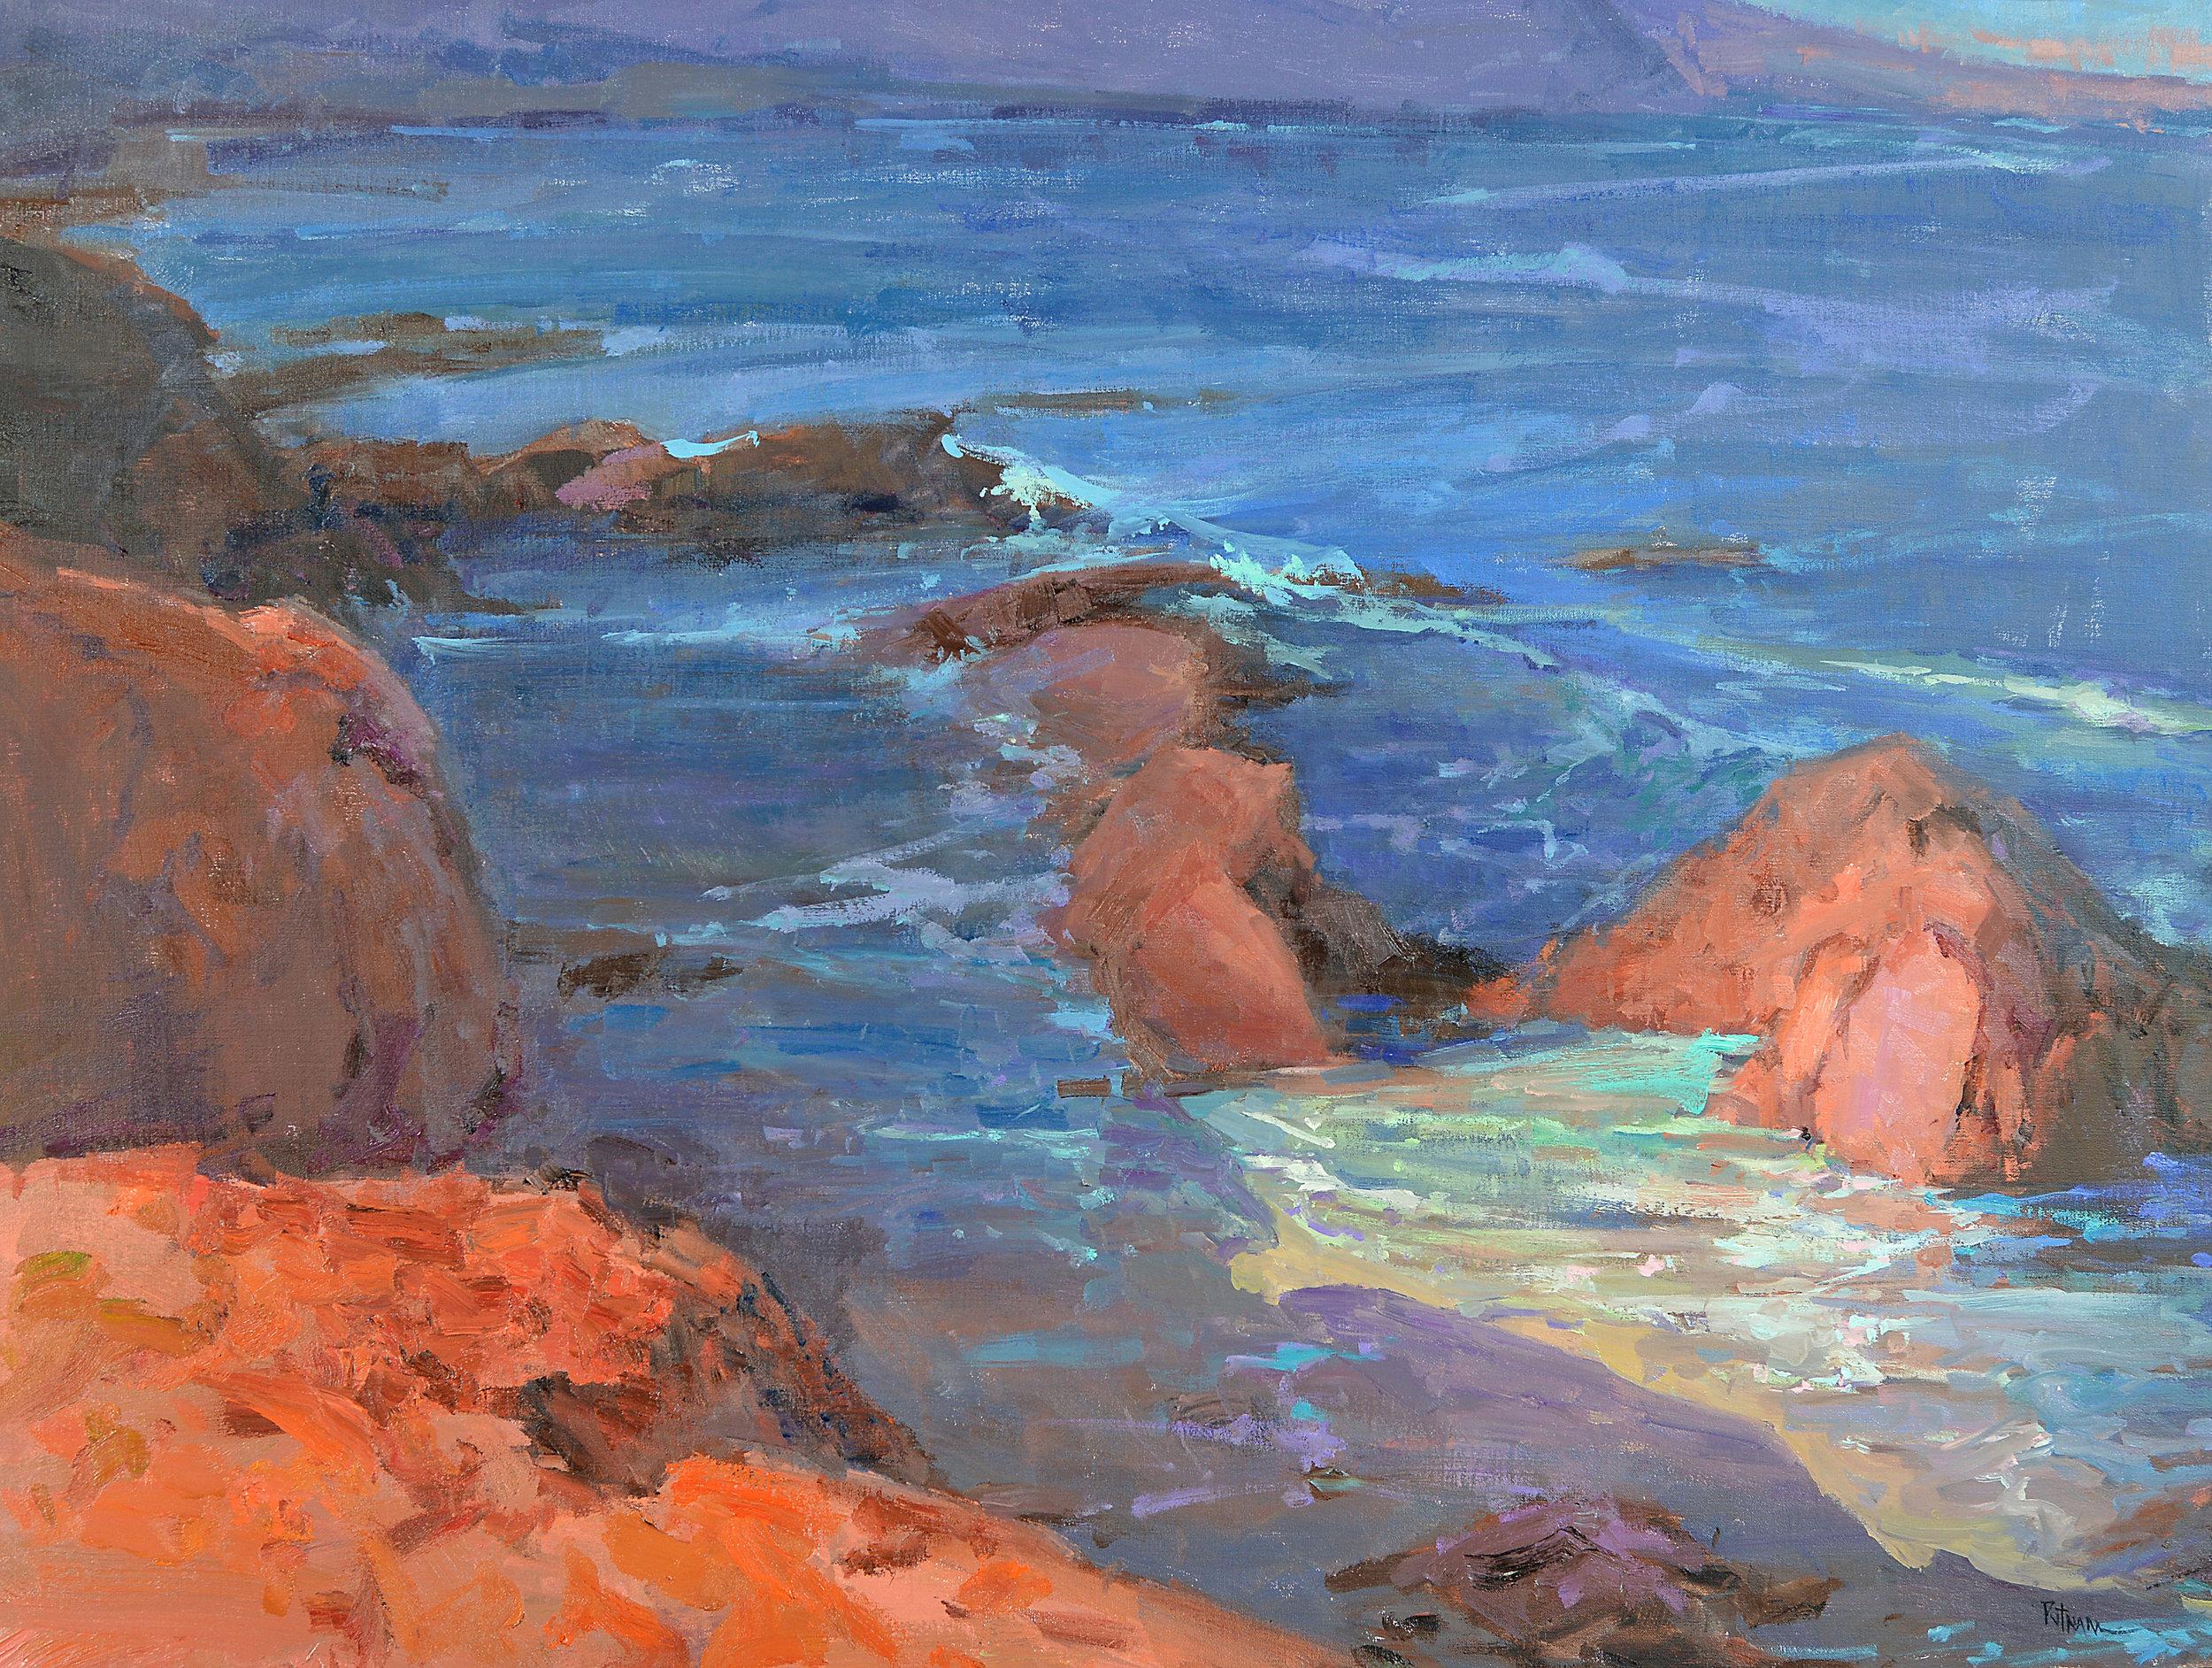 Harmony Headlands, 36x48, oil on linen. $16,000 . Available